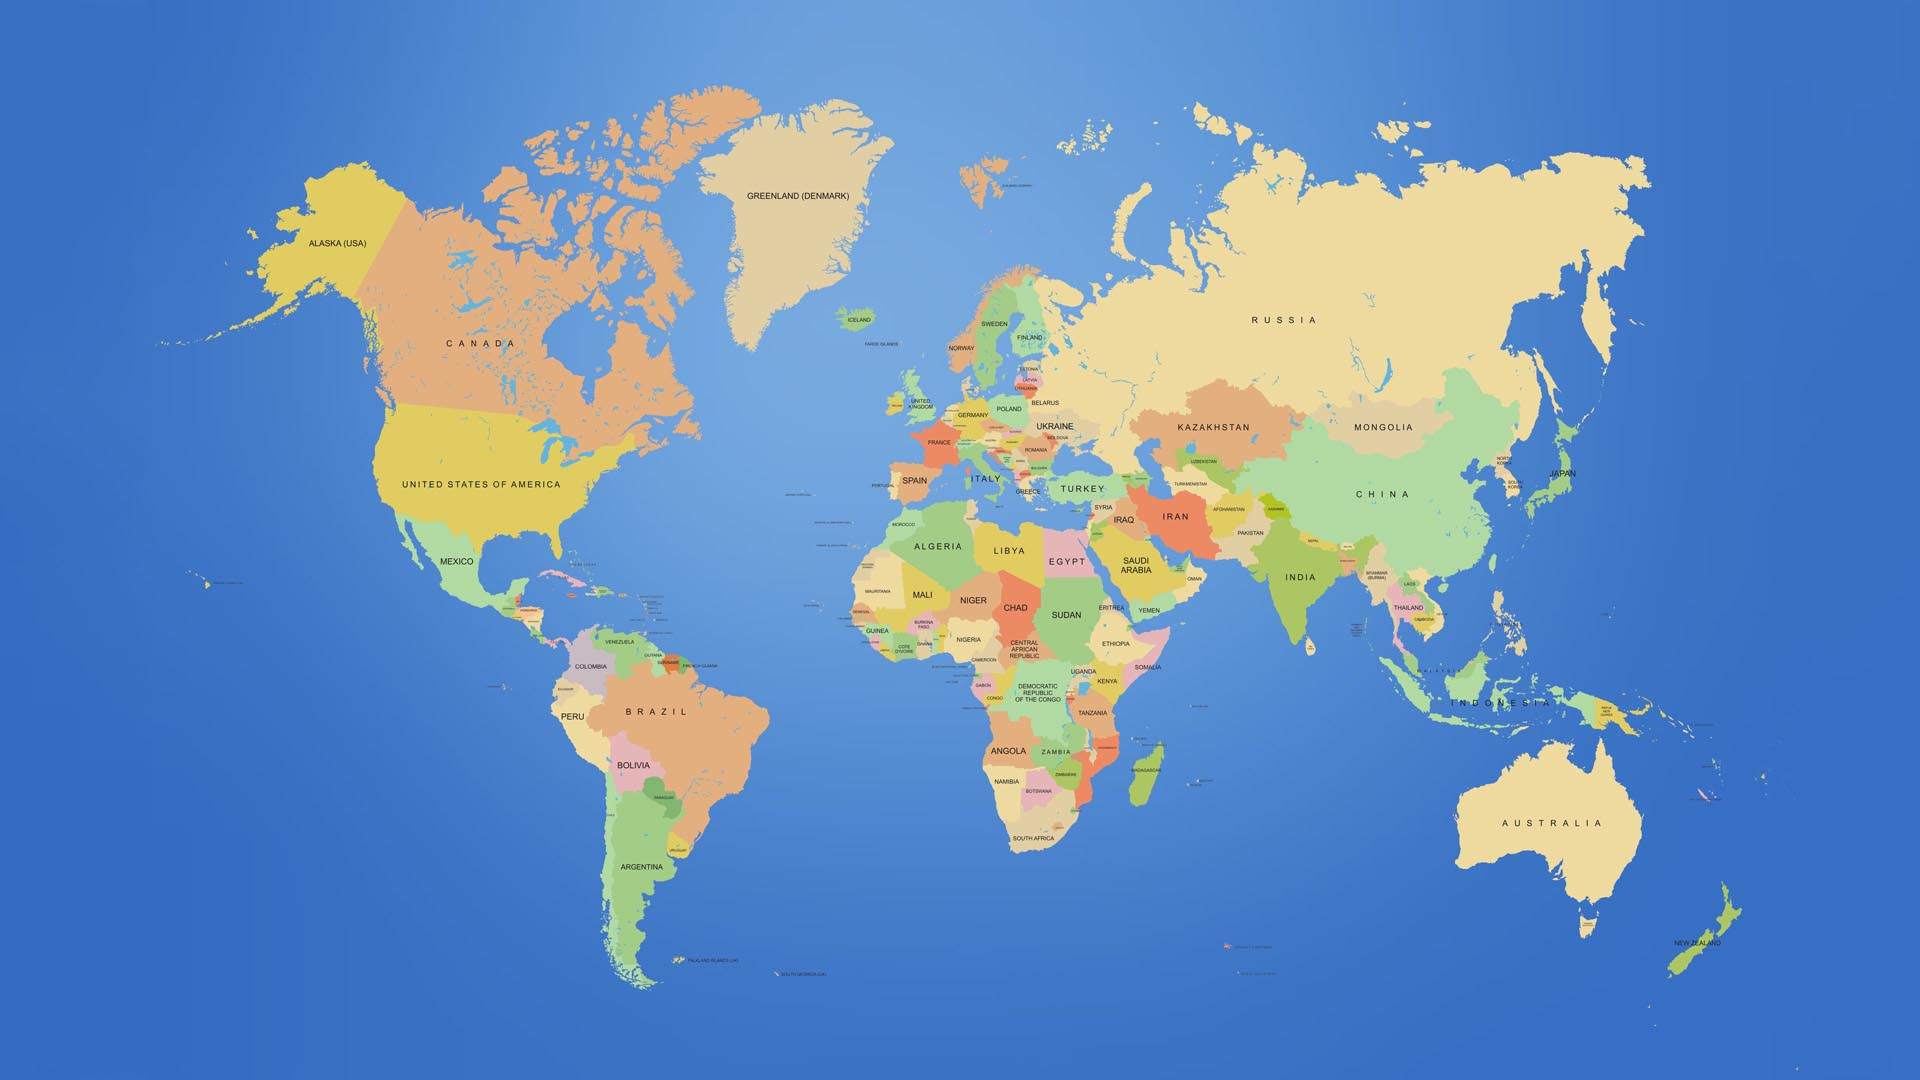 World Map Wallpaper 6258 1920x1080 px  HDWallSourcecom